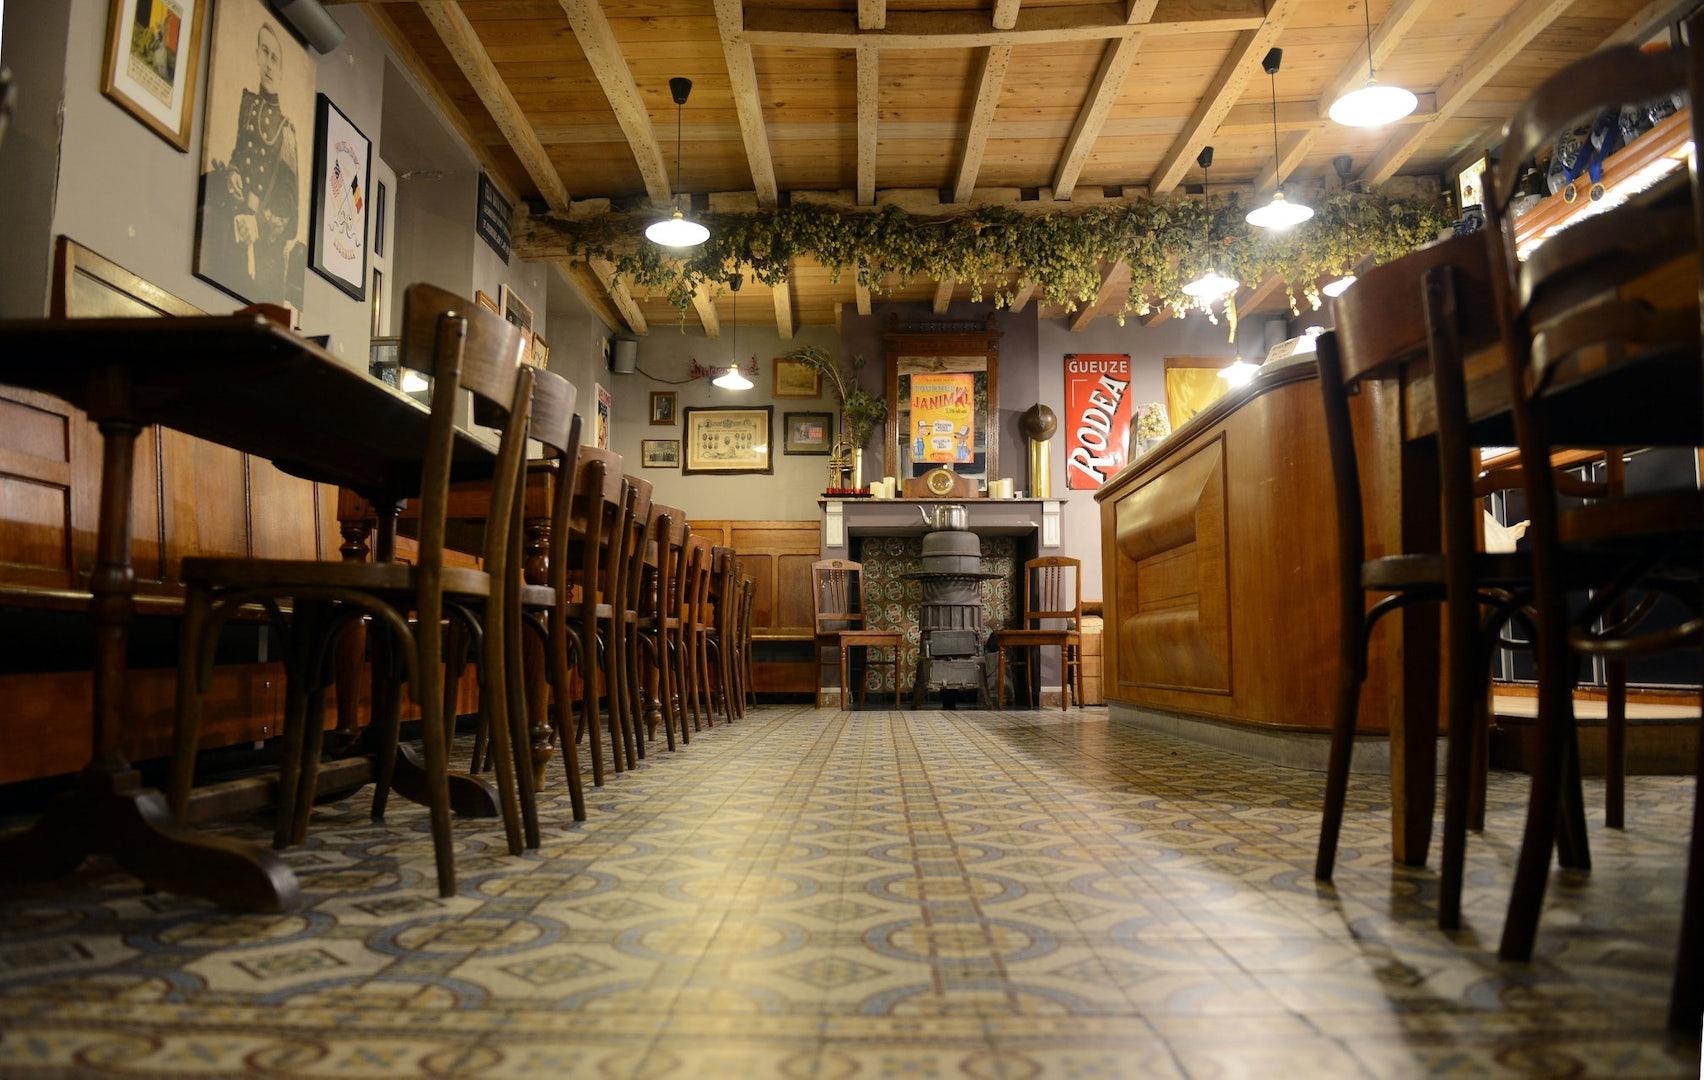 cafe interior of In de Verzekering Tegen de Grote Dorst